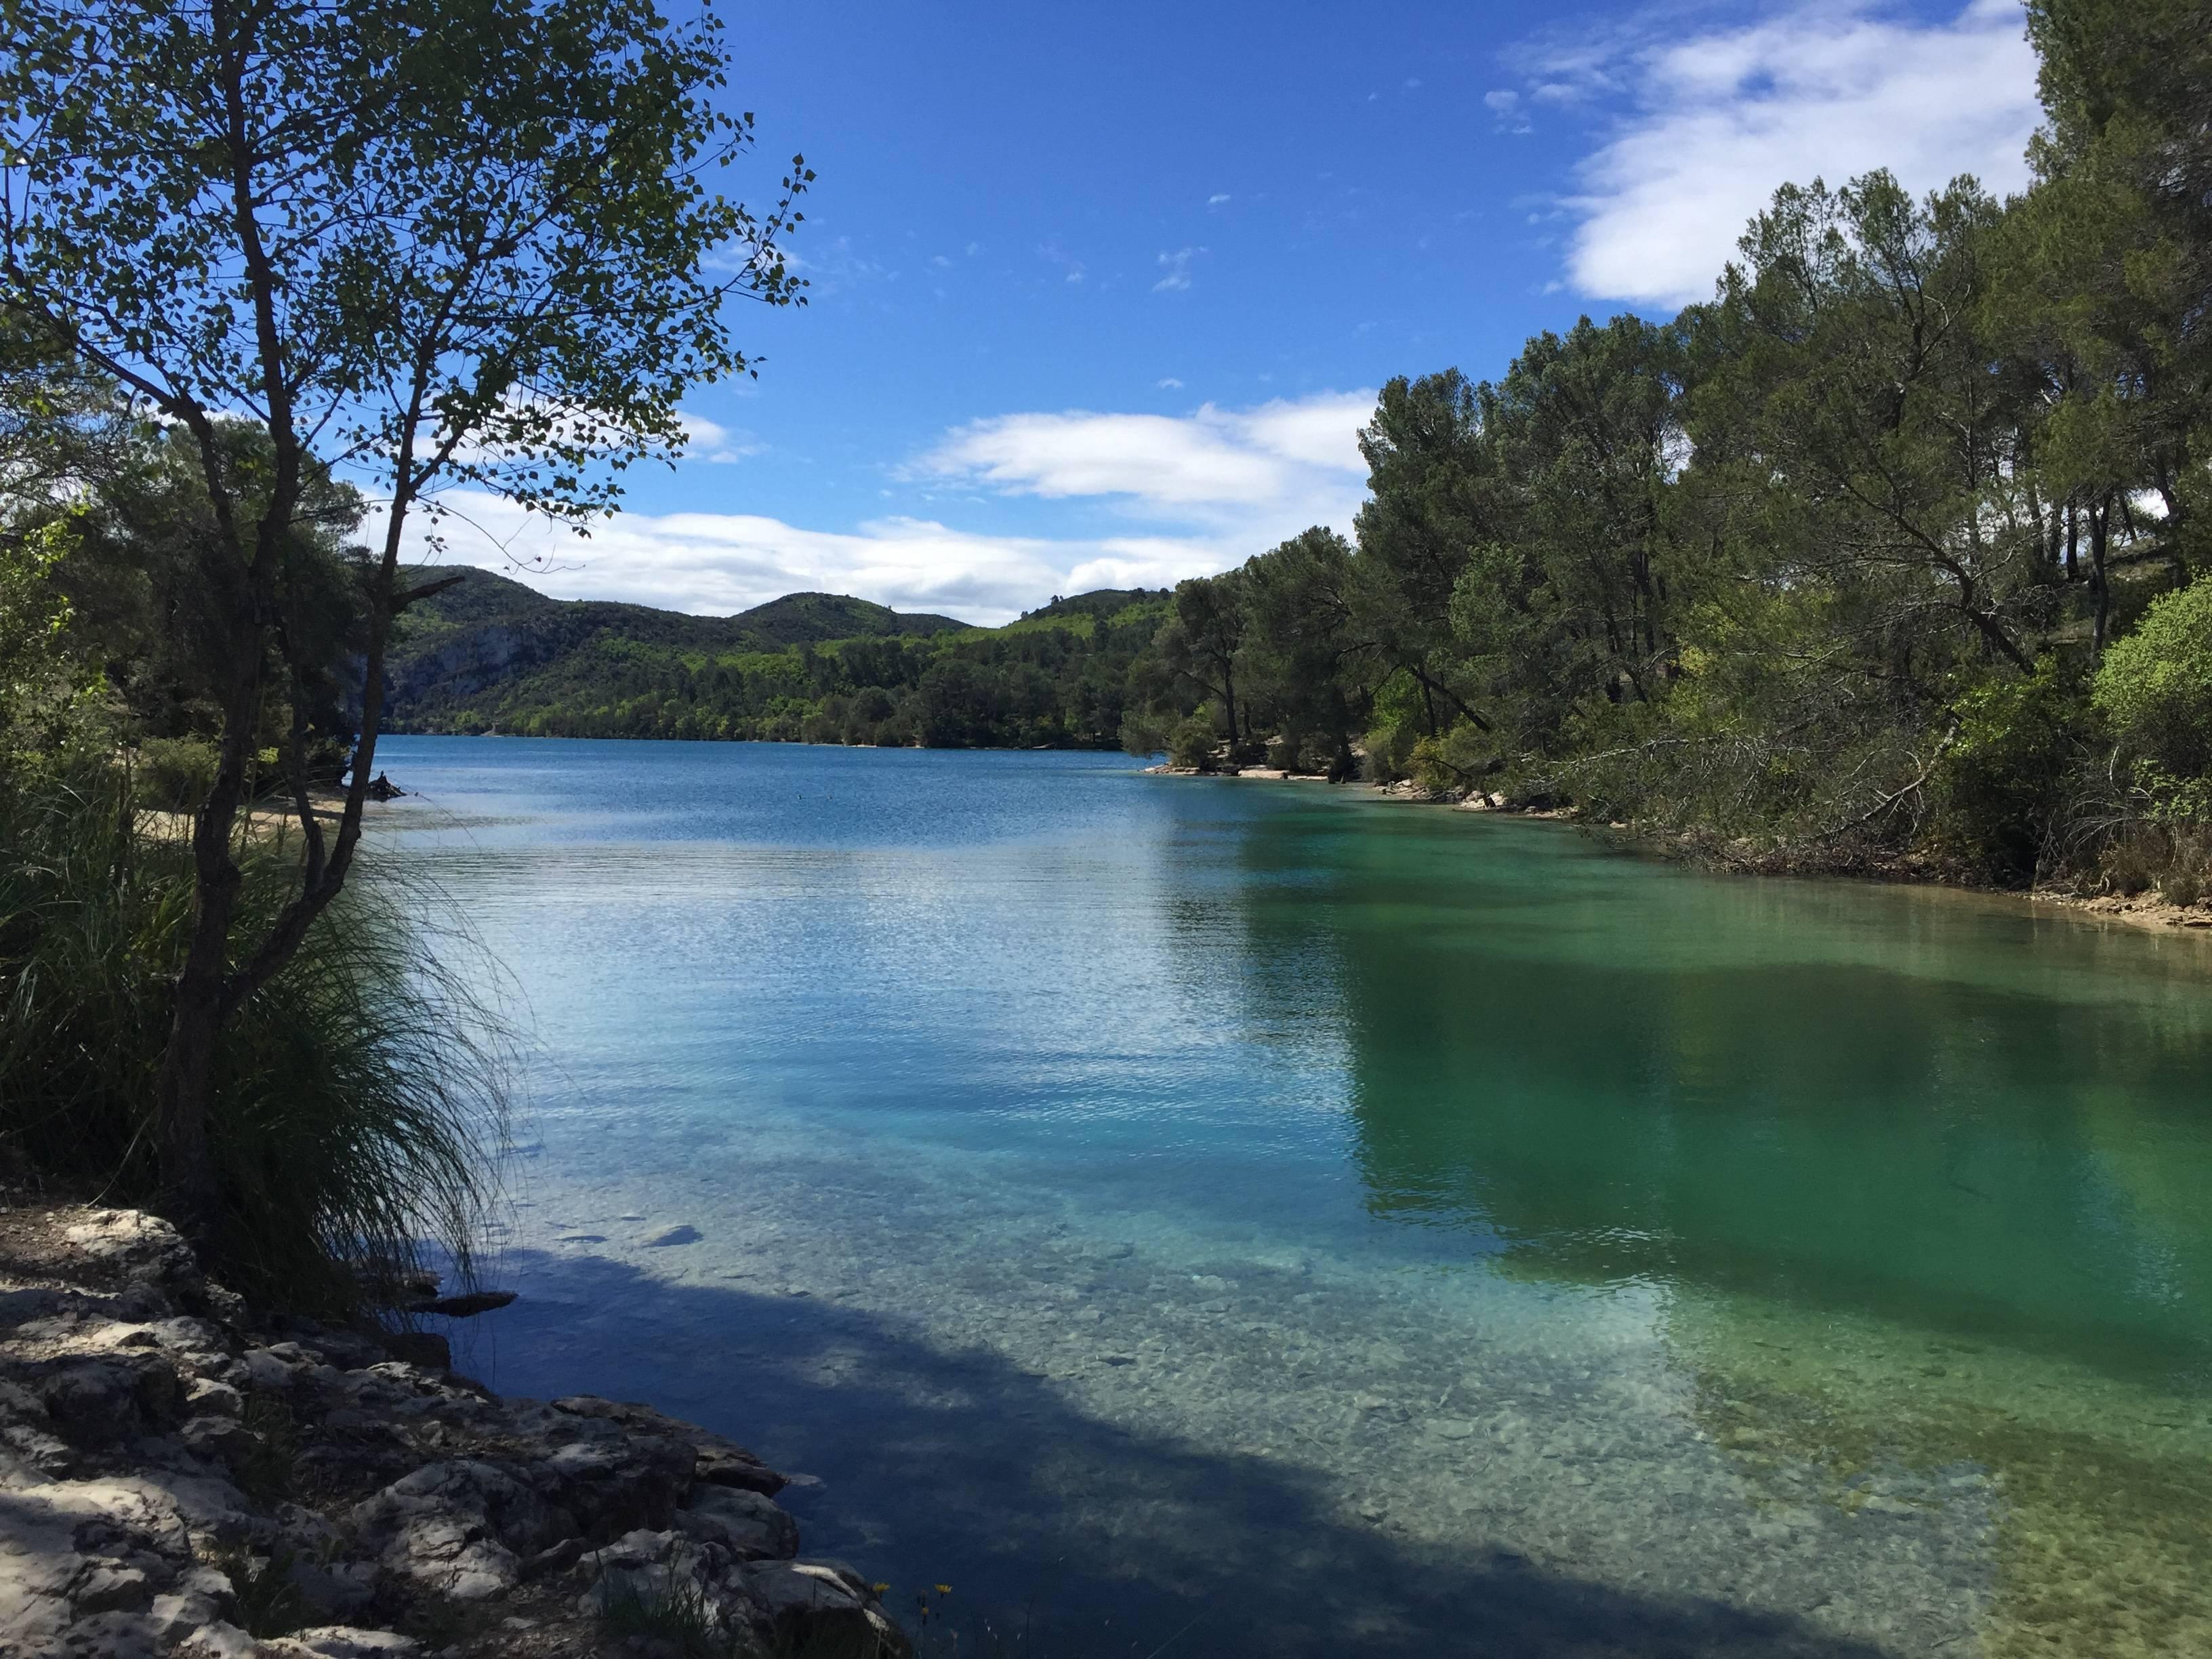 Photo 1: Le Lac d'Esparron